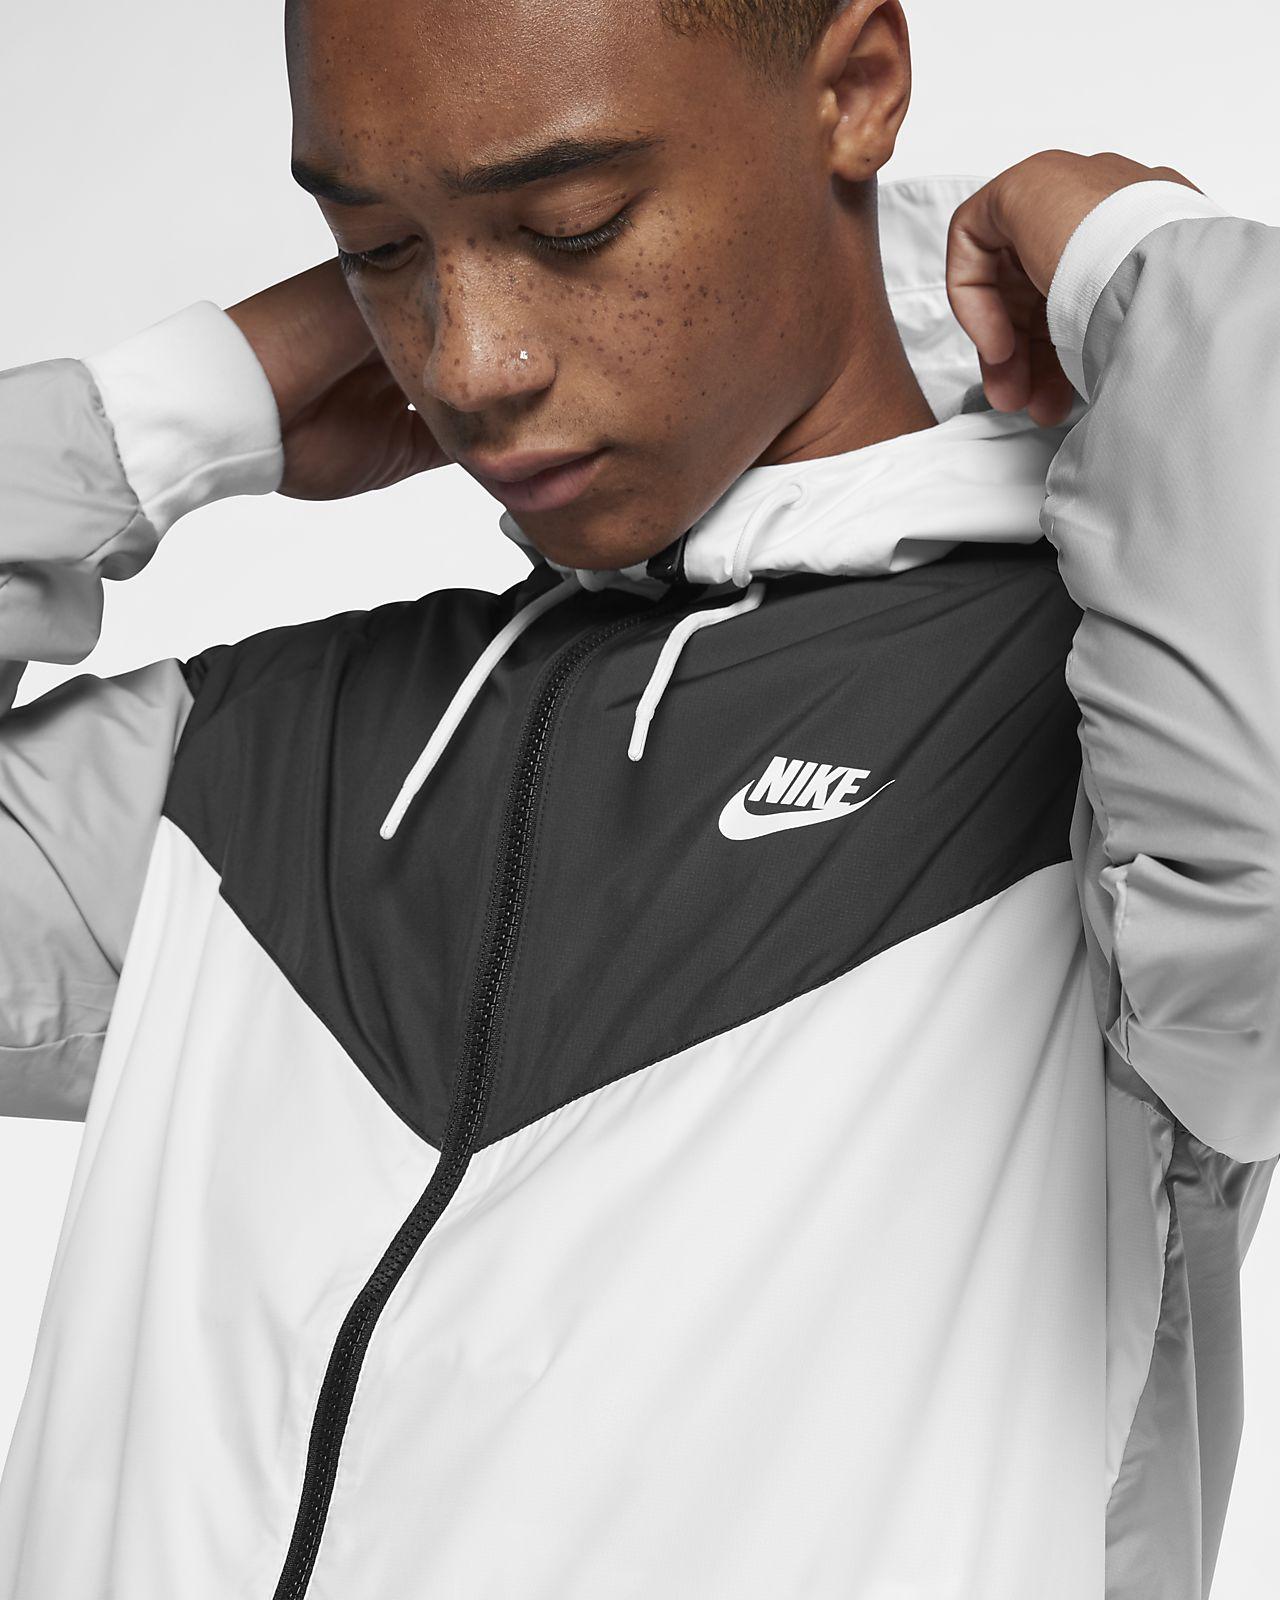 Nike Windrunner NERO Uomo Scarpe da ginnastica Tutte le TAGLIE STOCK LIMITATA